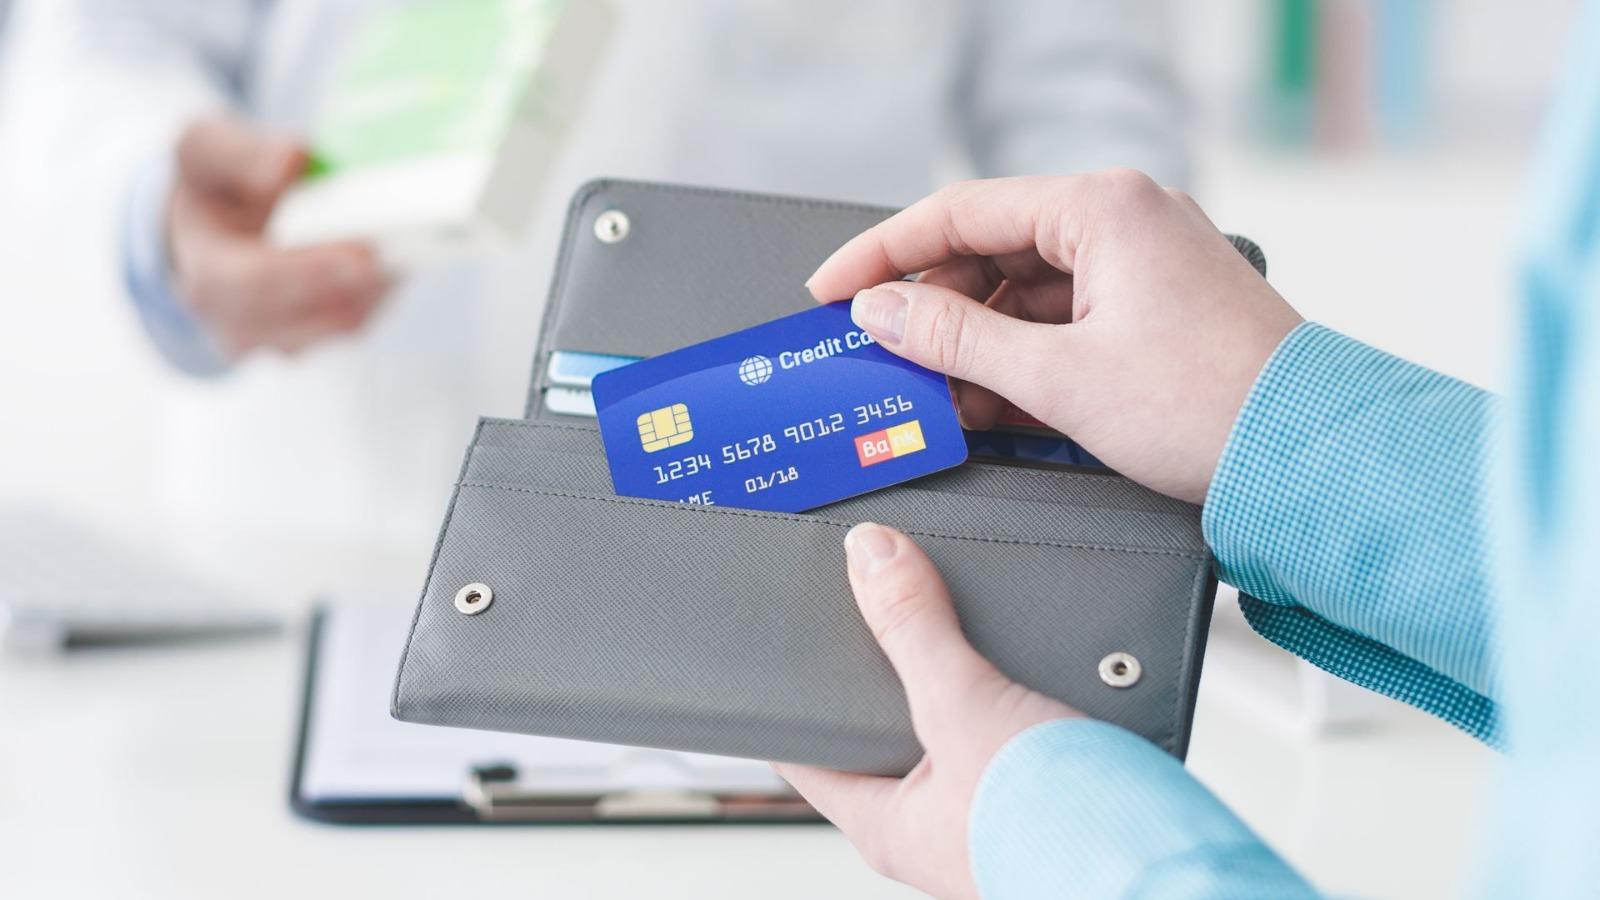 chto-takoe-kreditnaya-karta_23